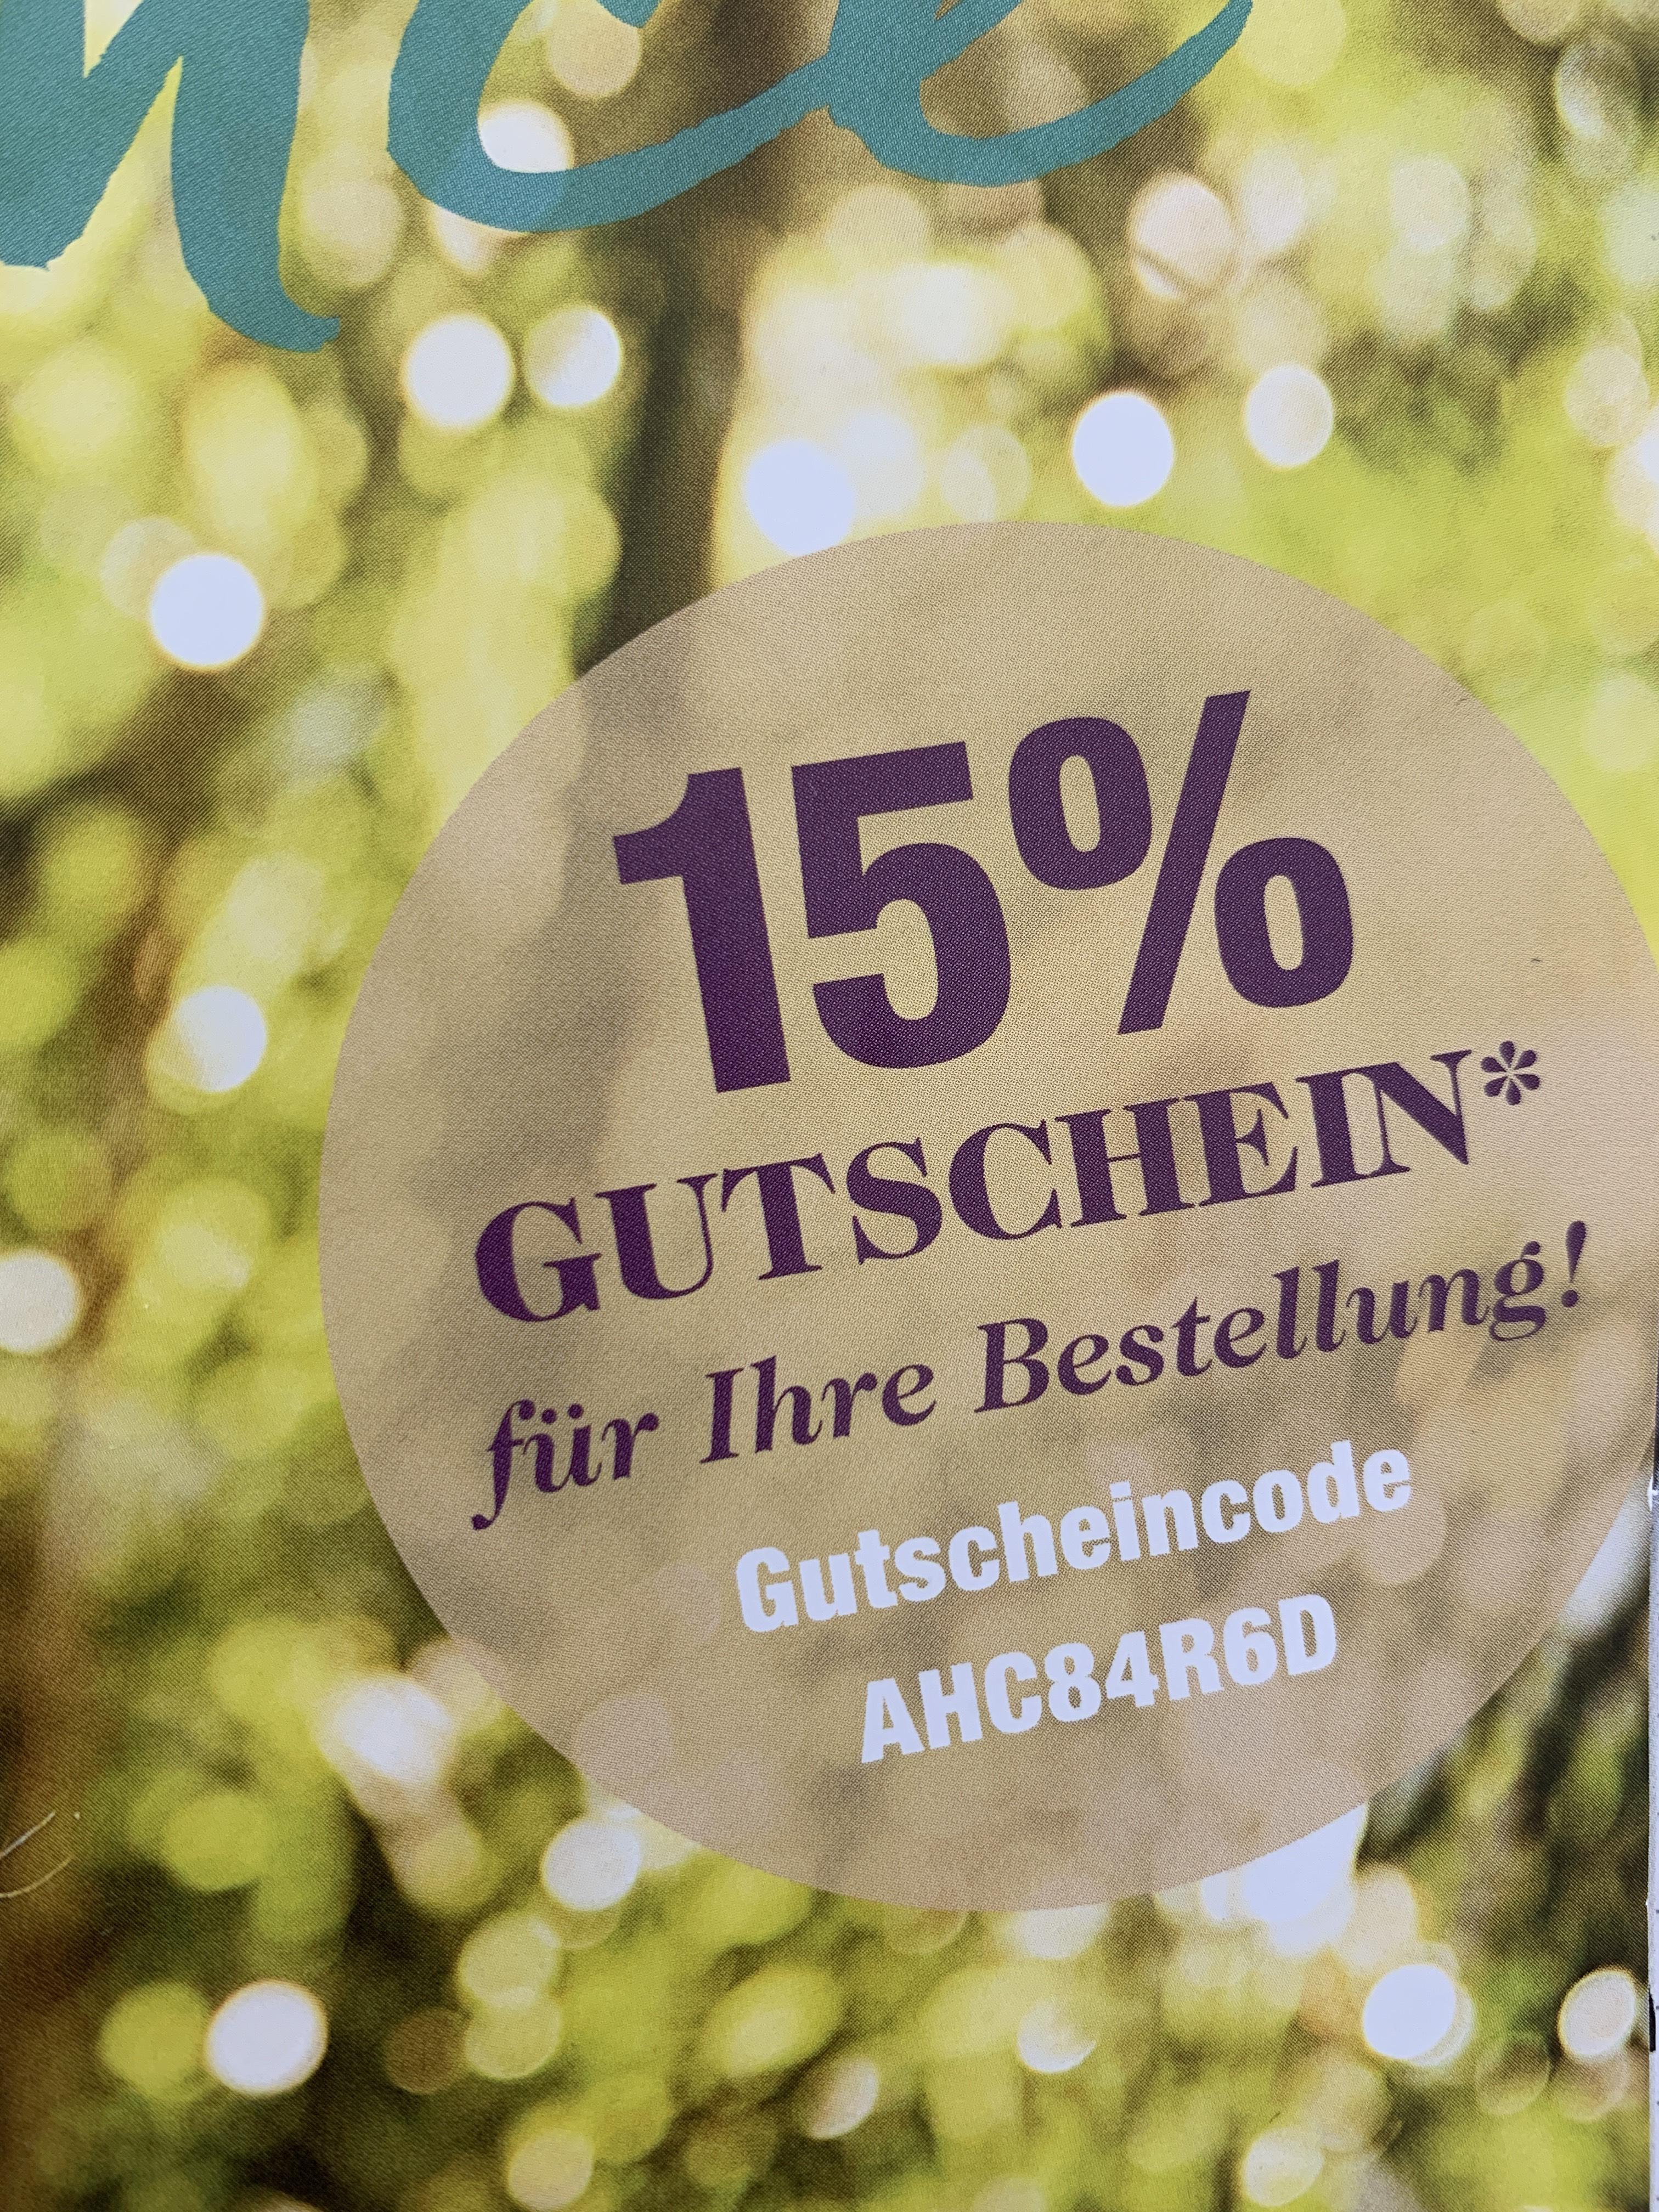 Impressionen.de - 15% Gutschein (+8% Shoop)